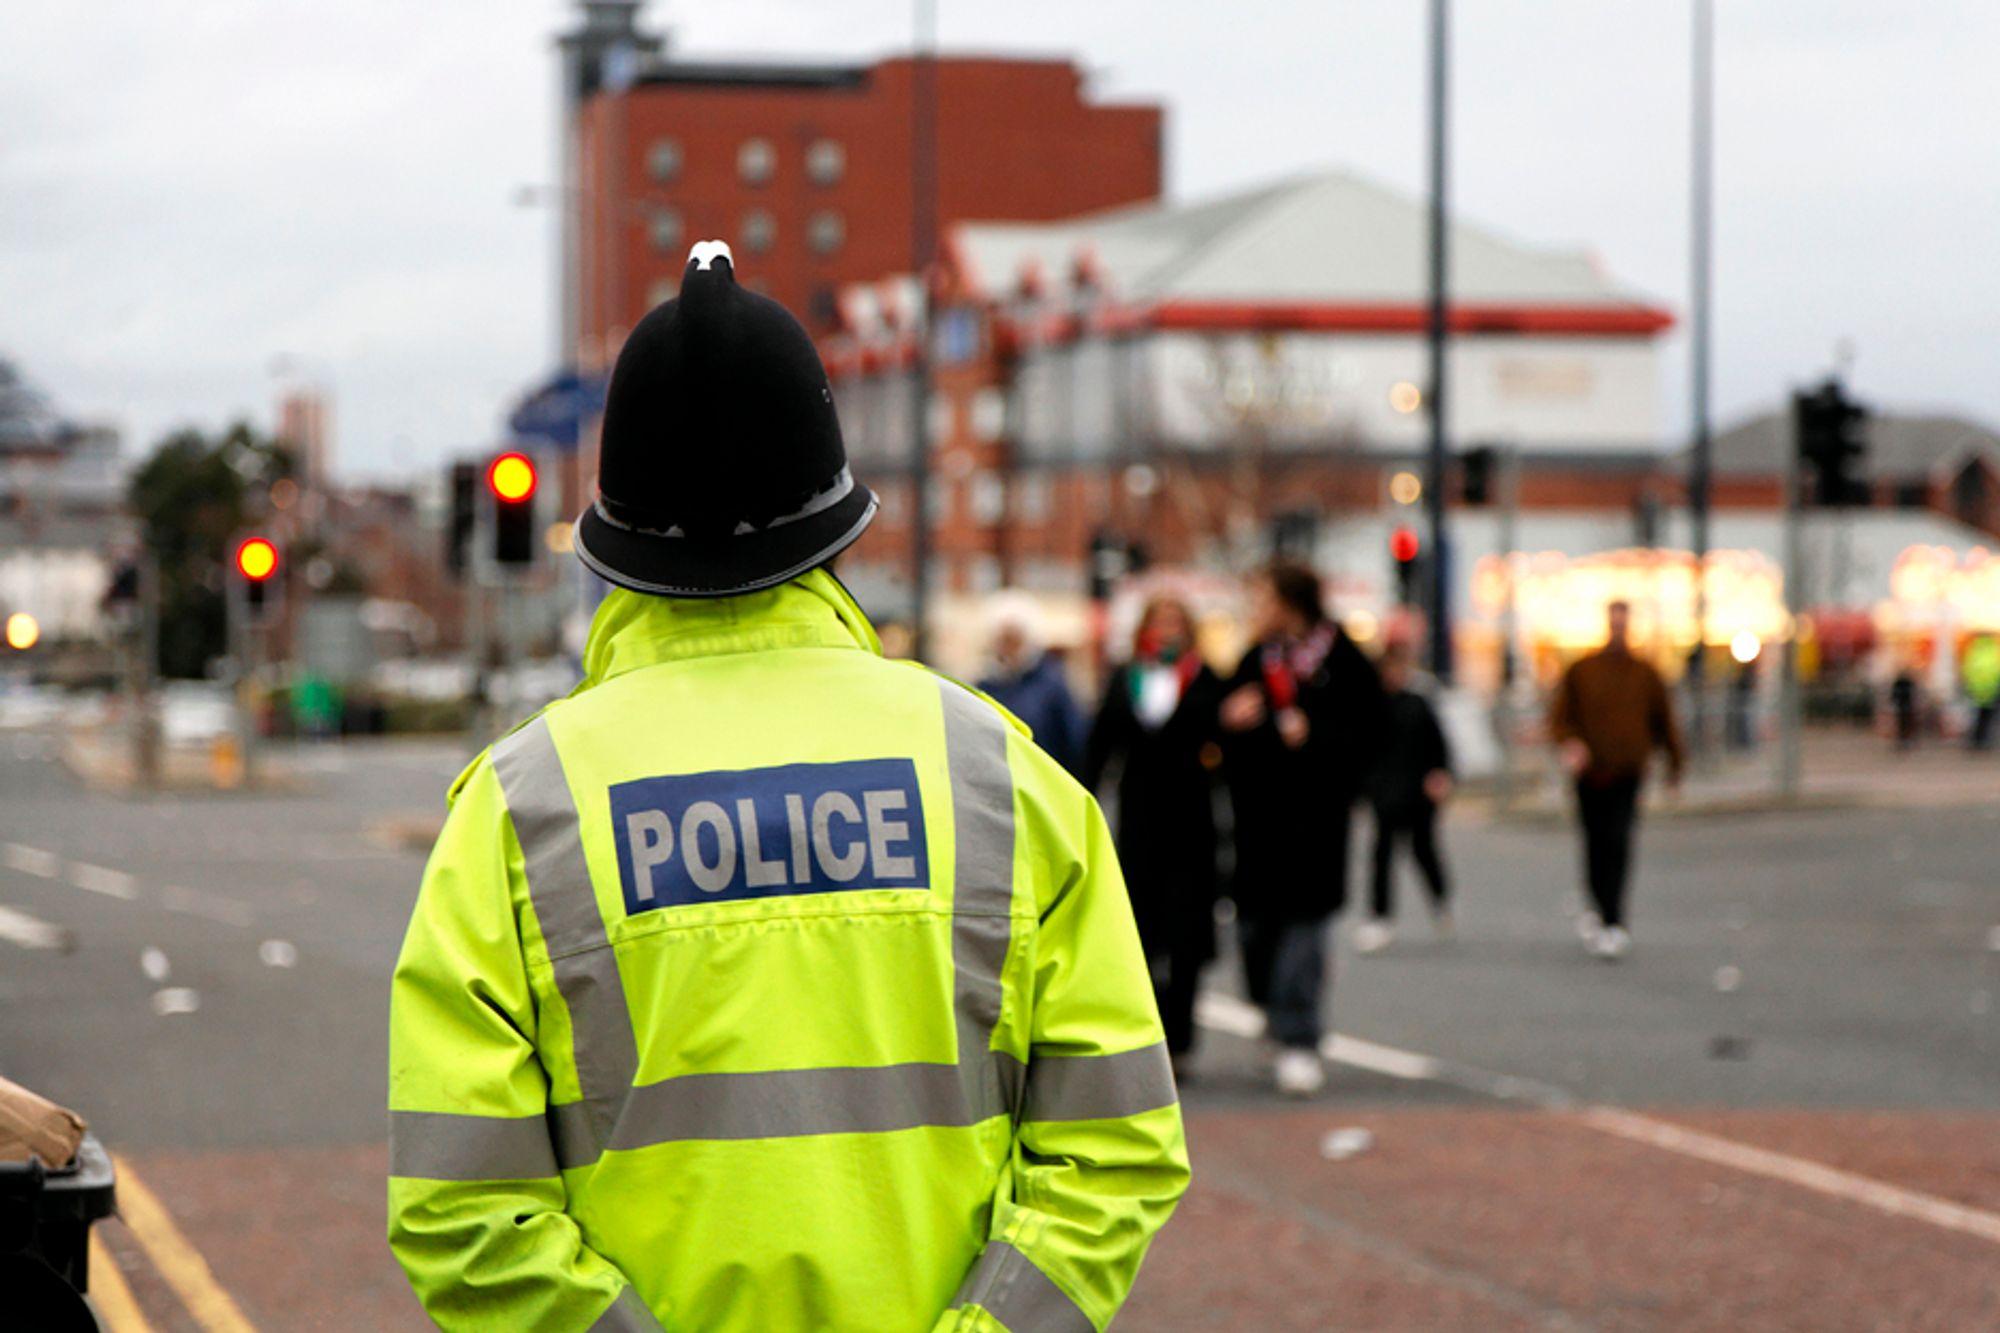 Politiet i Cleveland i Storbritannia skal spare seg for mye papirarbeid med ny mobil IT-løsning.